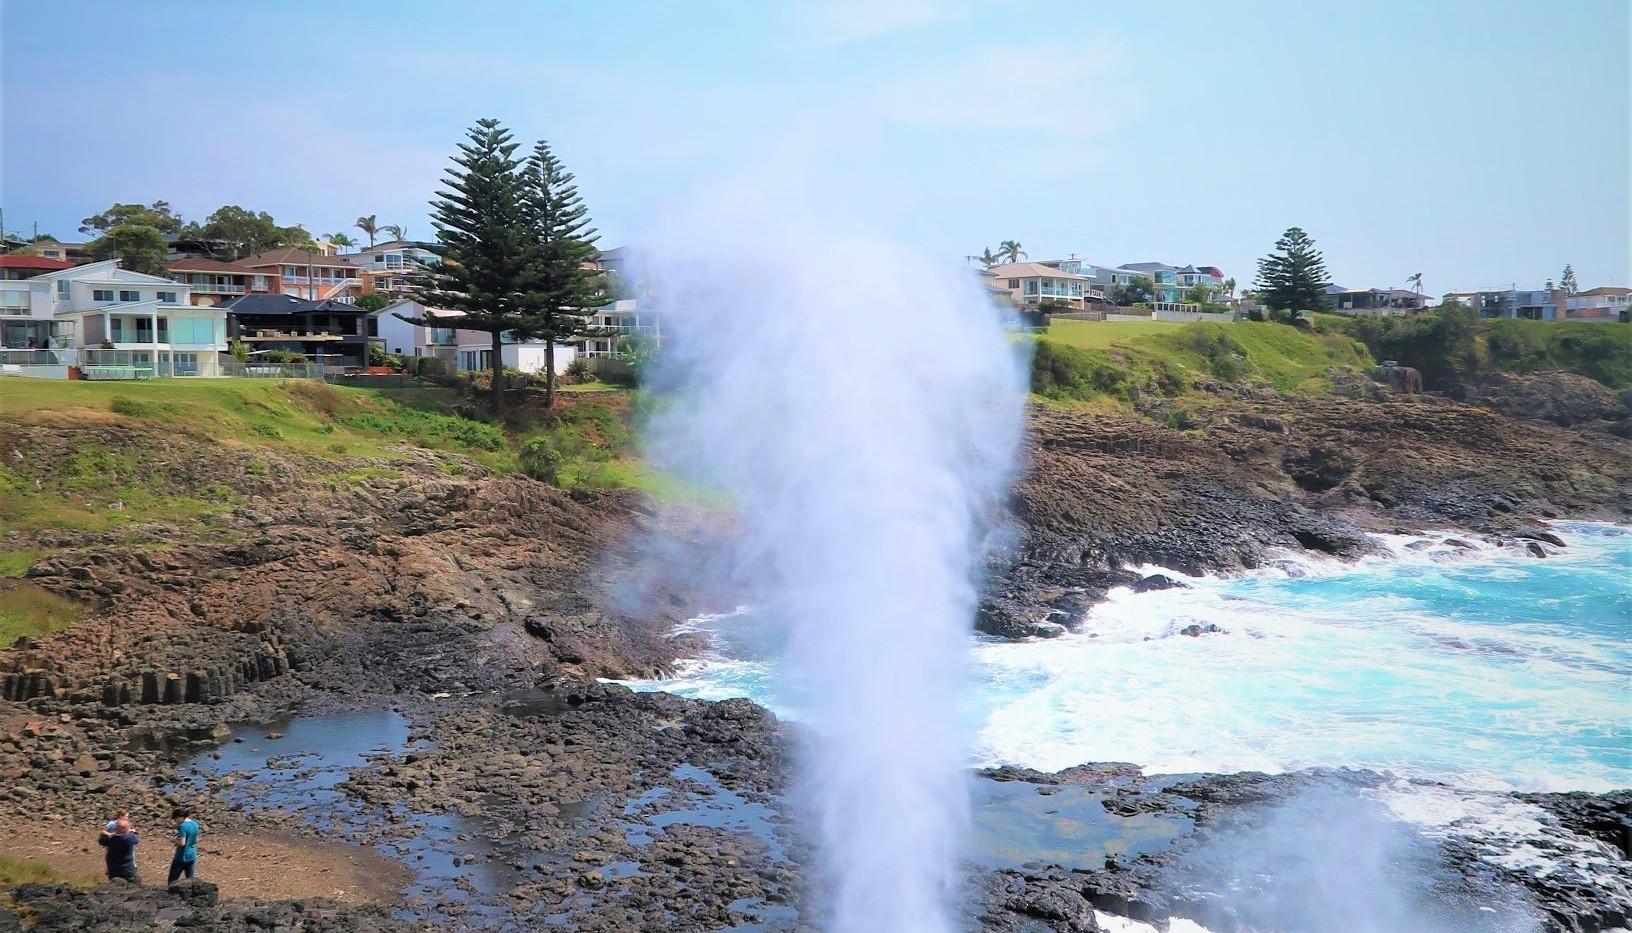 Little Blowhole in Kiama